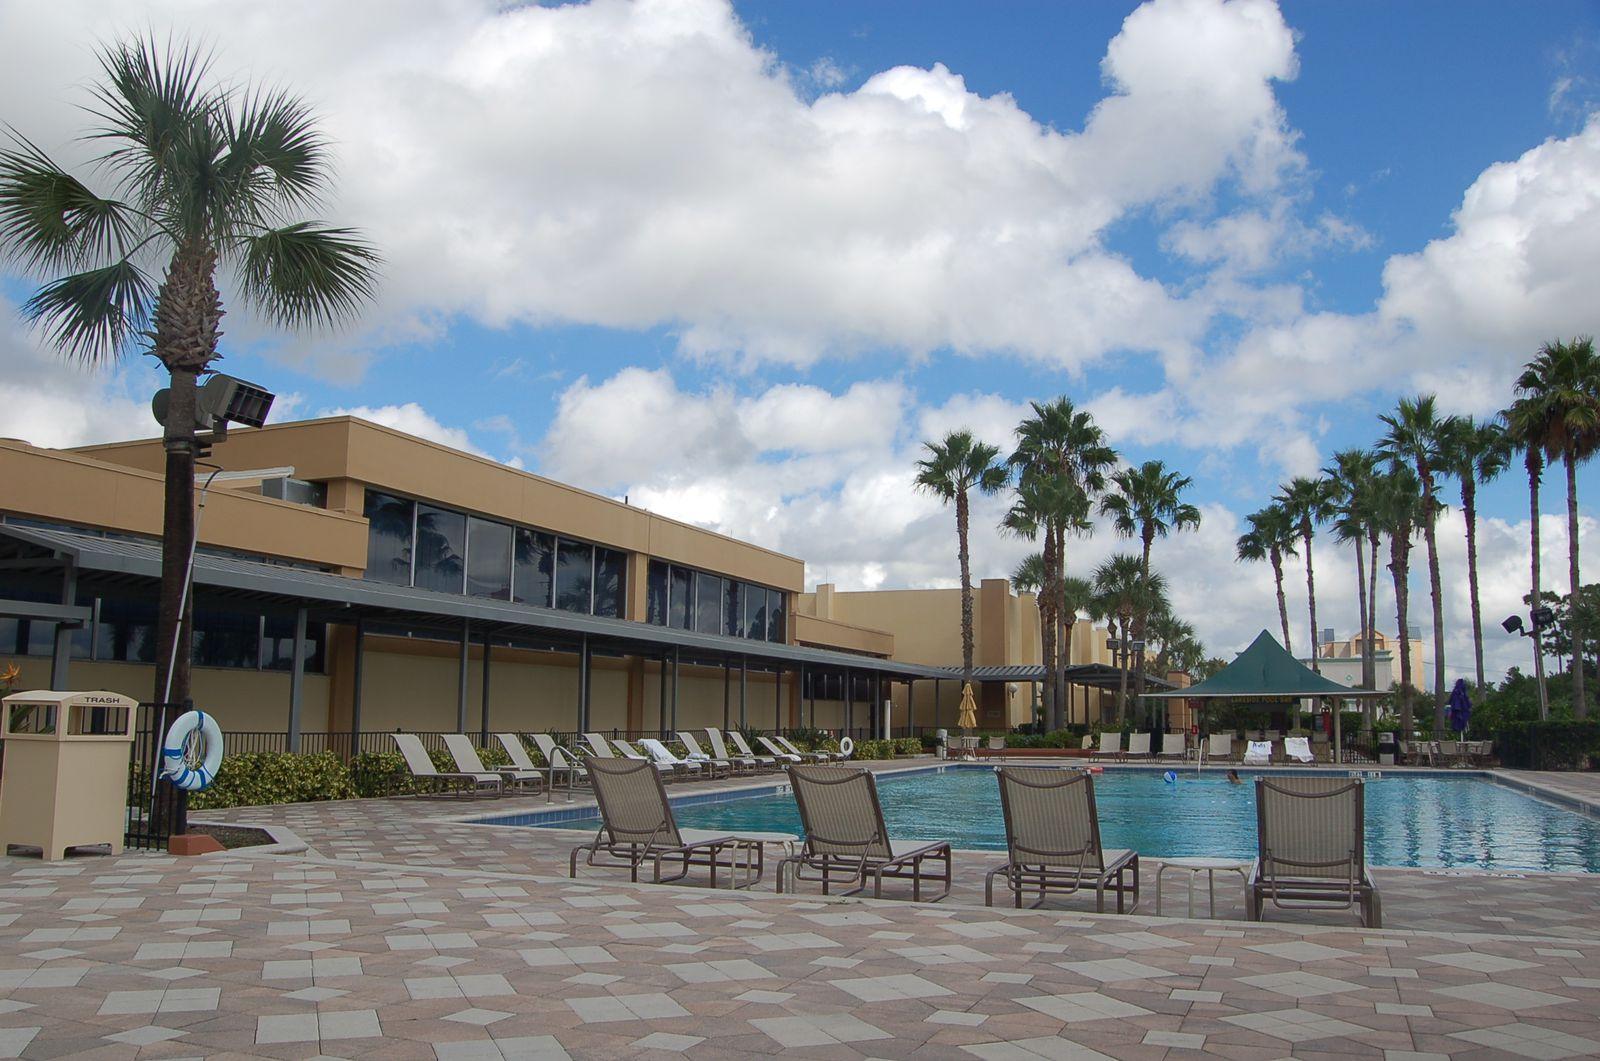 Comment se rendre... Floride-2008Universaljour-1_7462